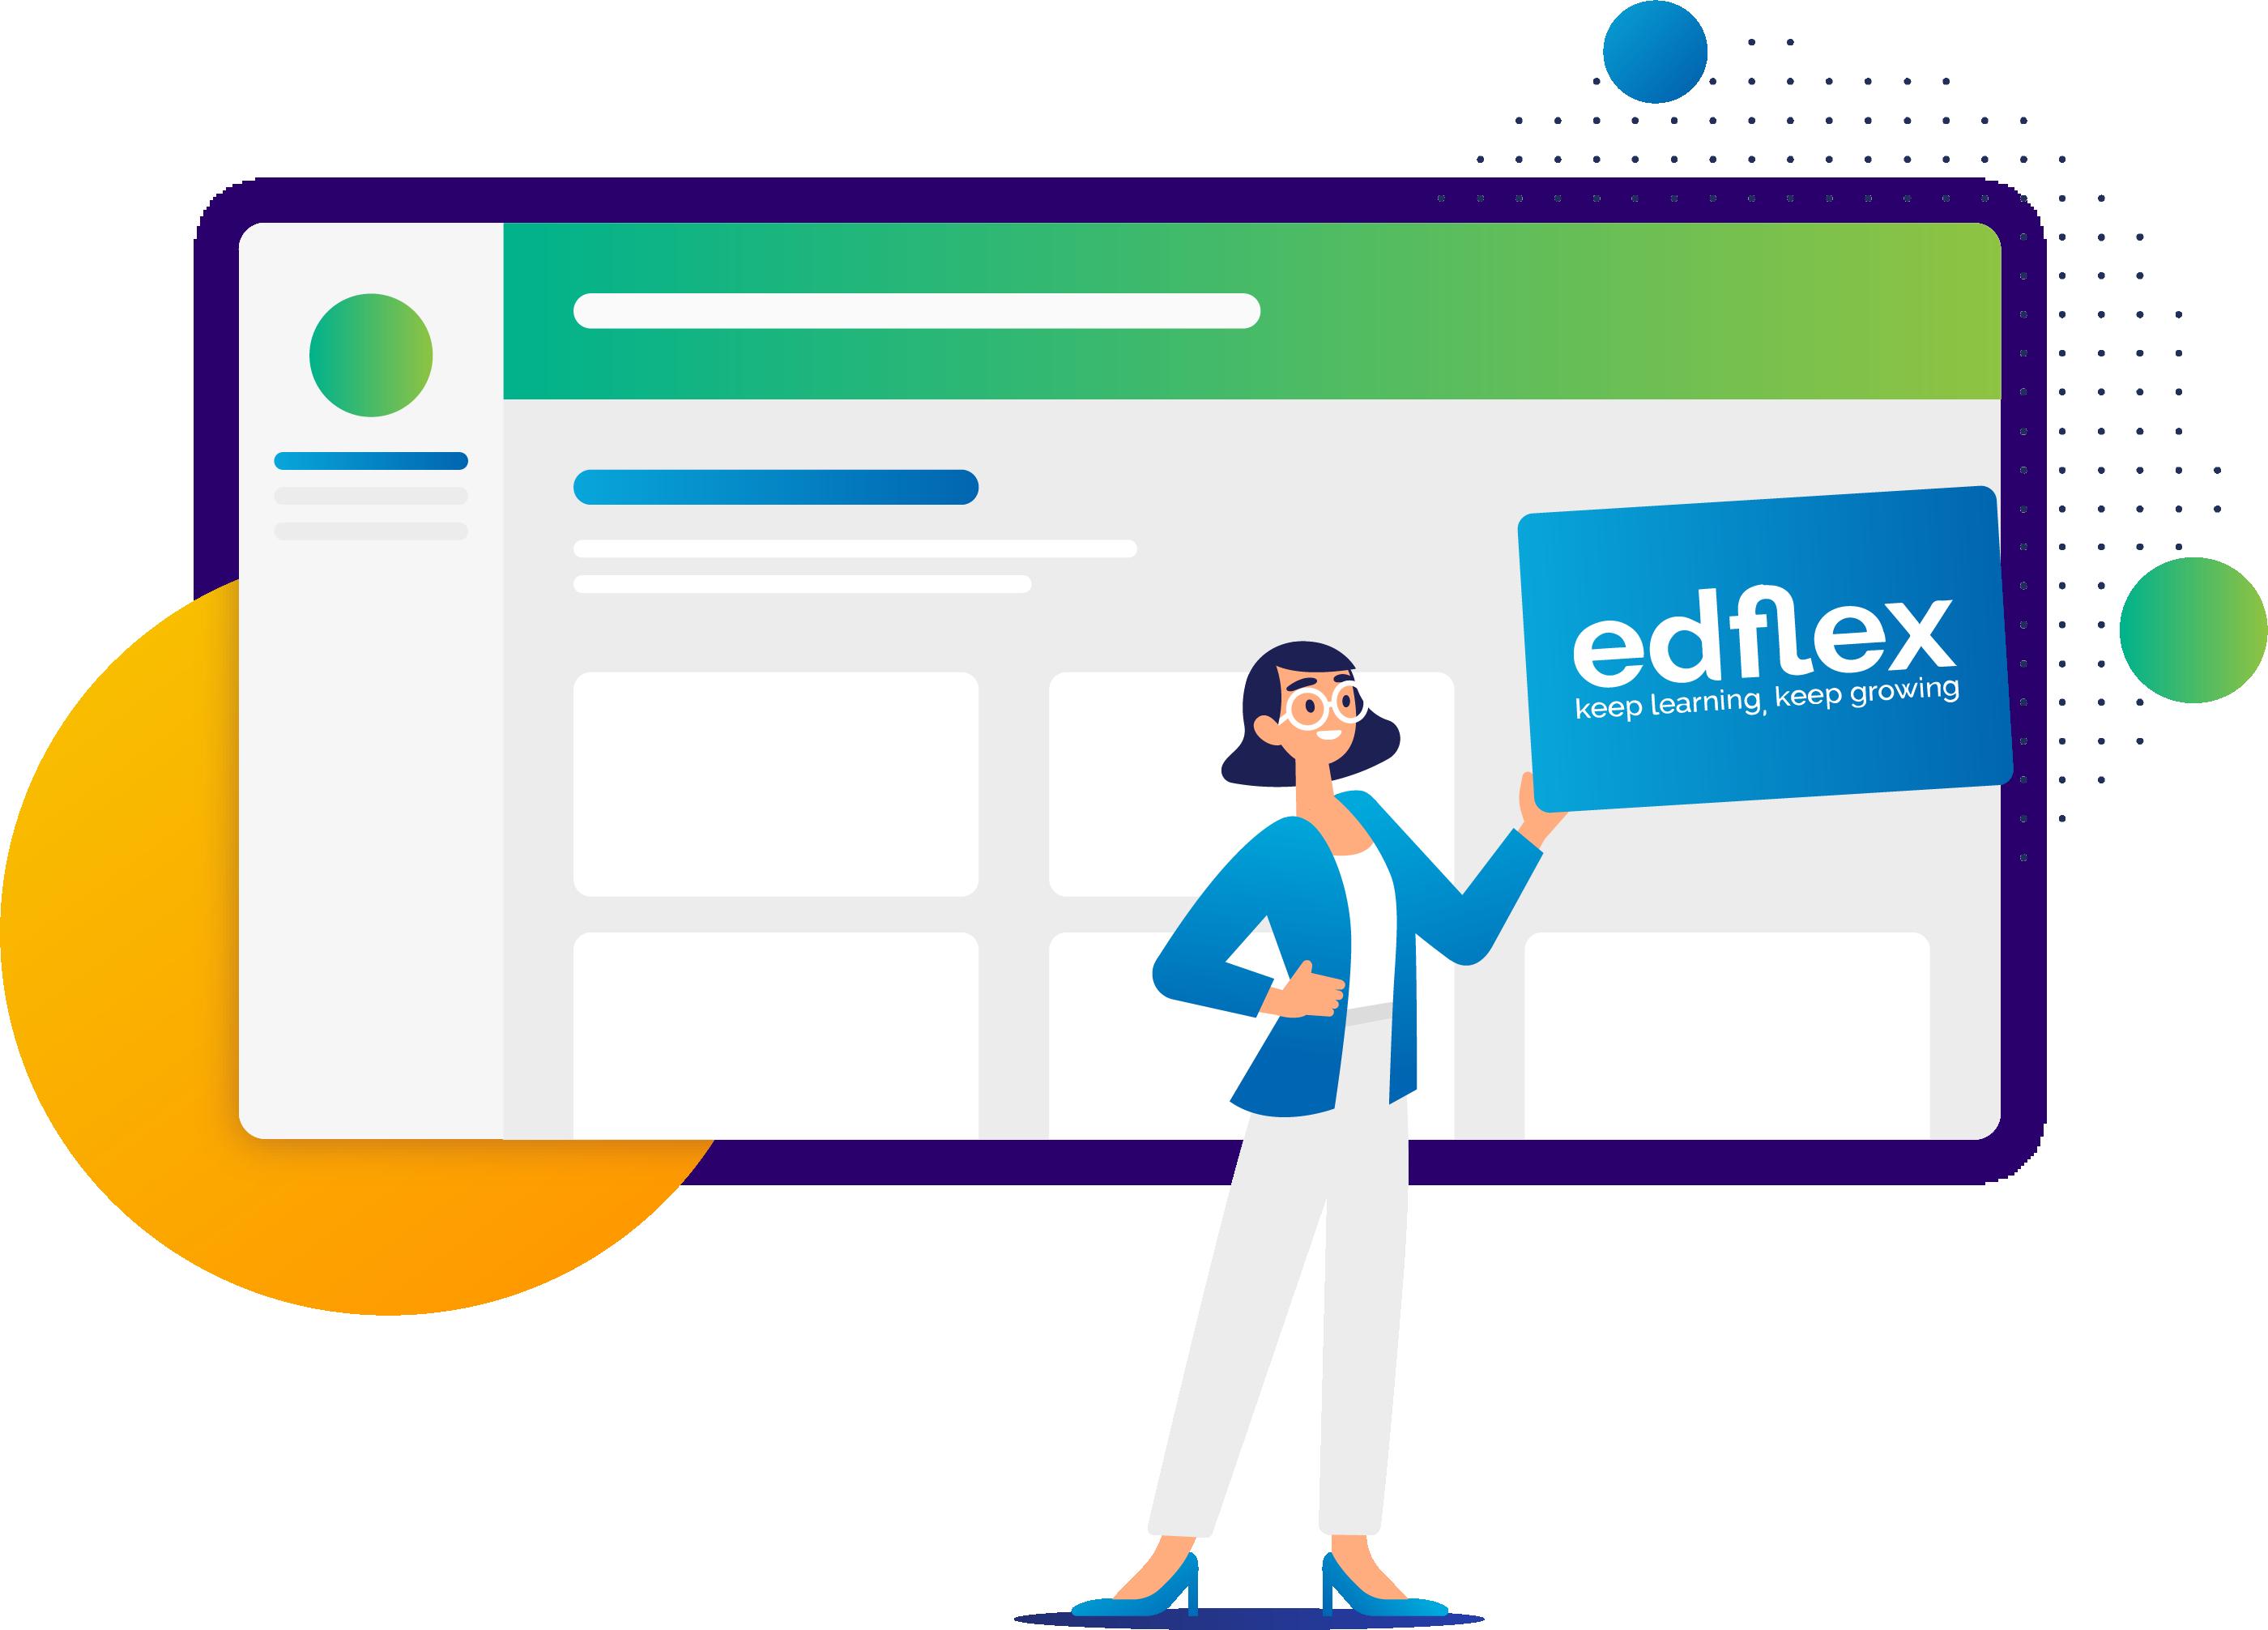 Le connecteur edflex